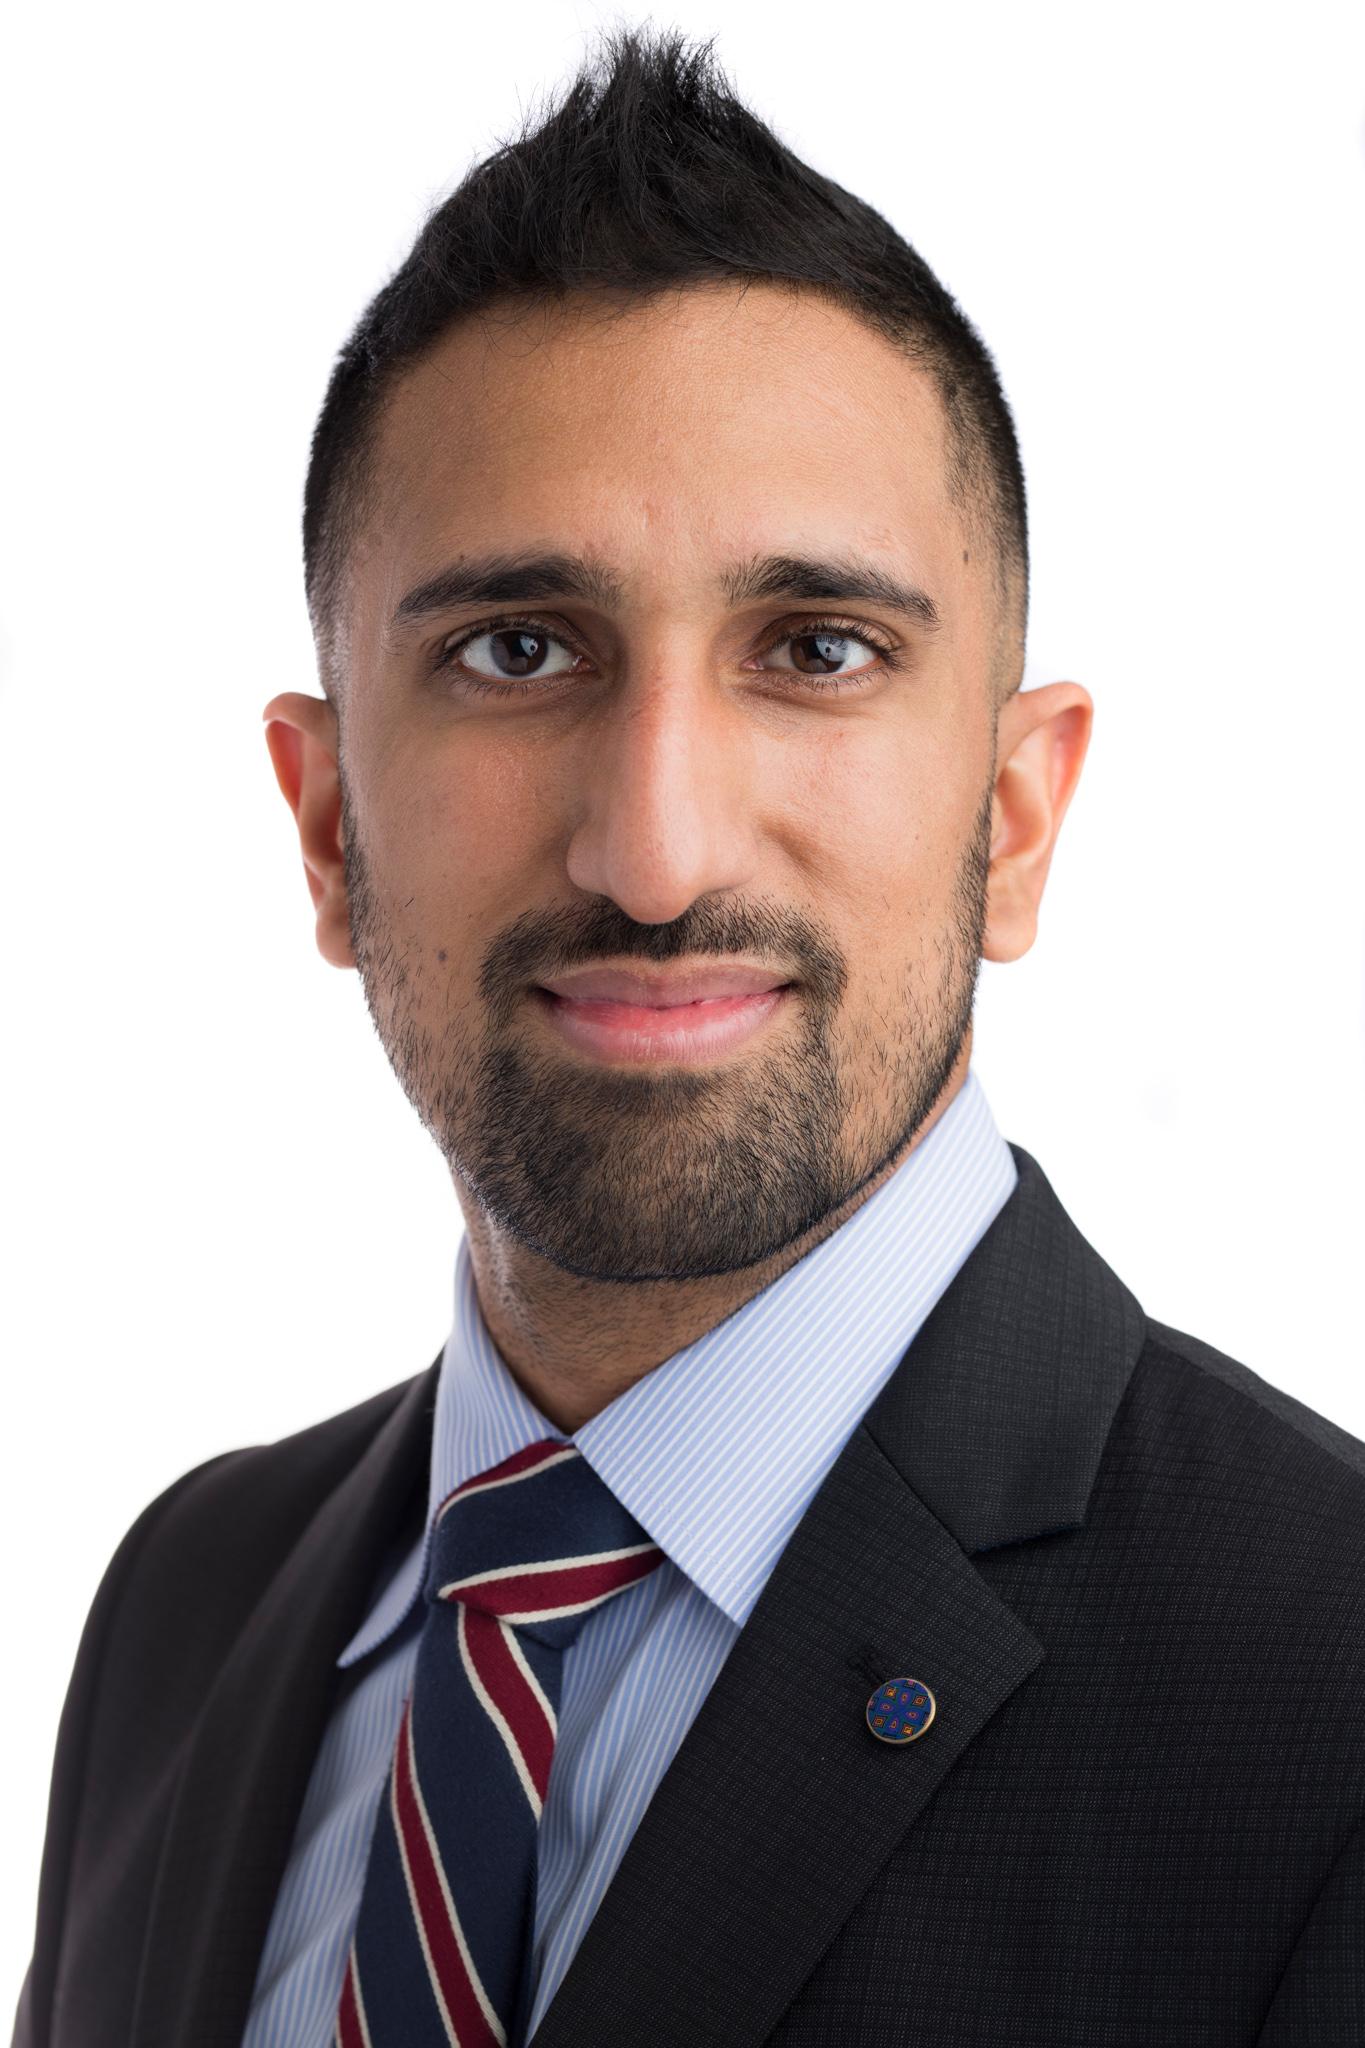 Dr Jaipaul Parmar - CCA